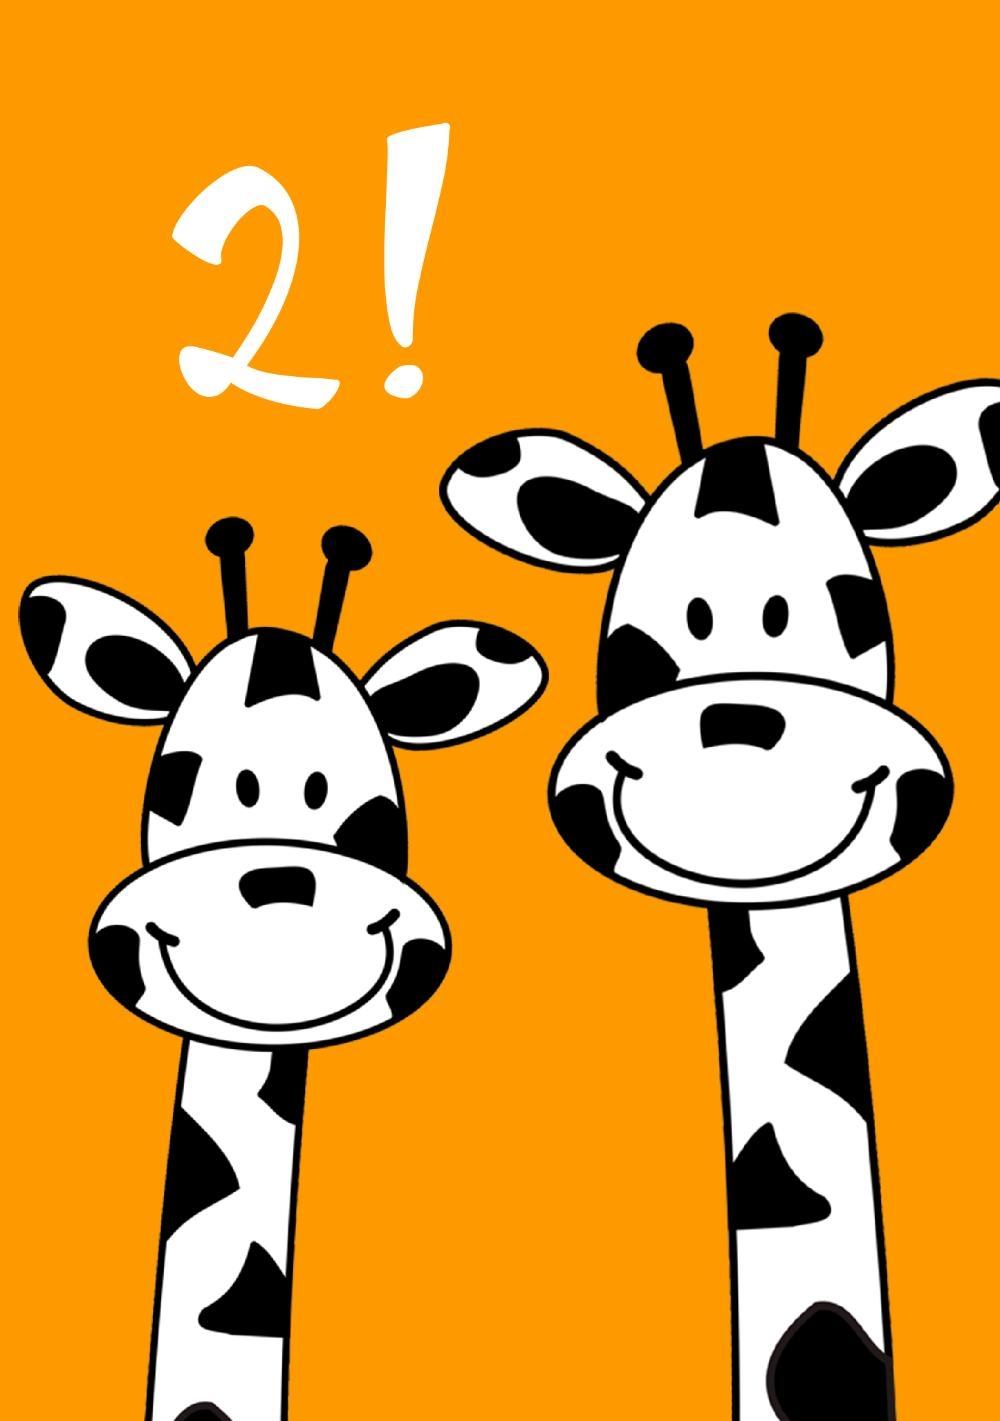 verjaardagskaart kind 2 jaar Verjaardagskaart kind 2 jaar giraf   Kaartjeposten.nl verjaardagskaart kind 2 jaar